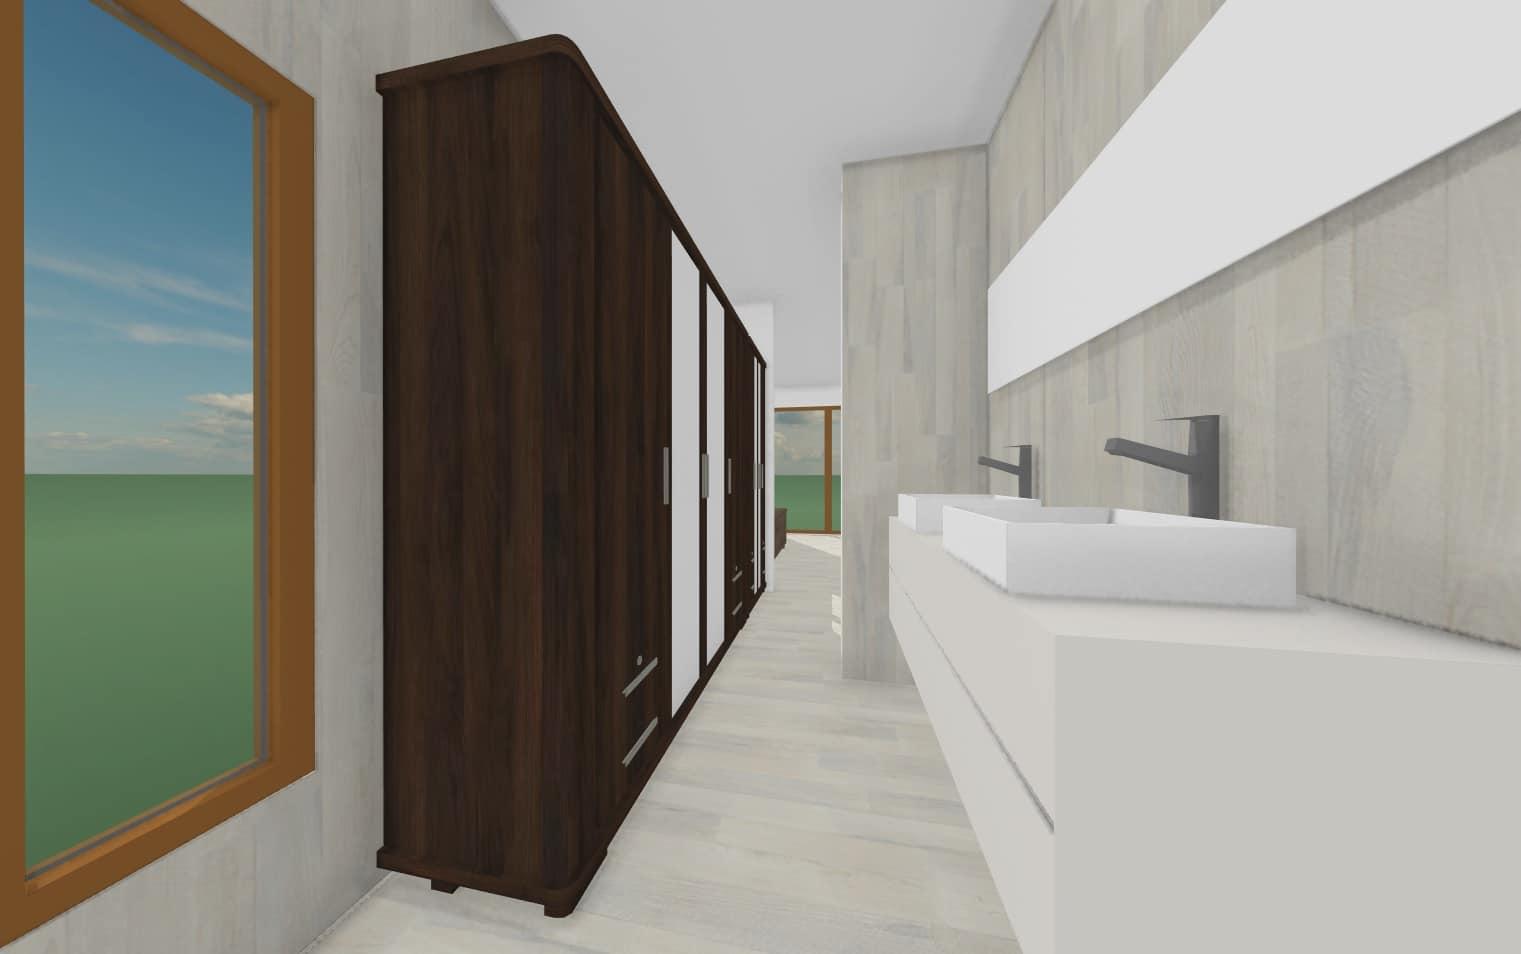 Vista baño suite     103 m2Casa mediterranea prefabricada en U